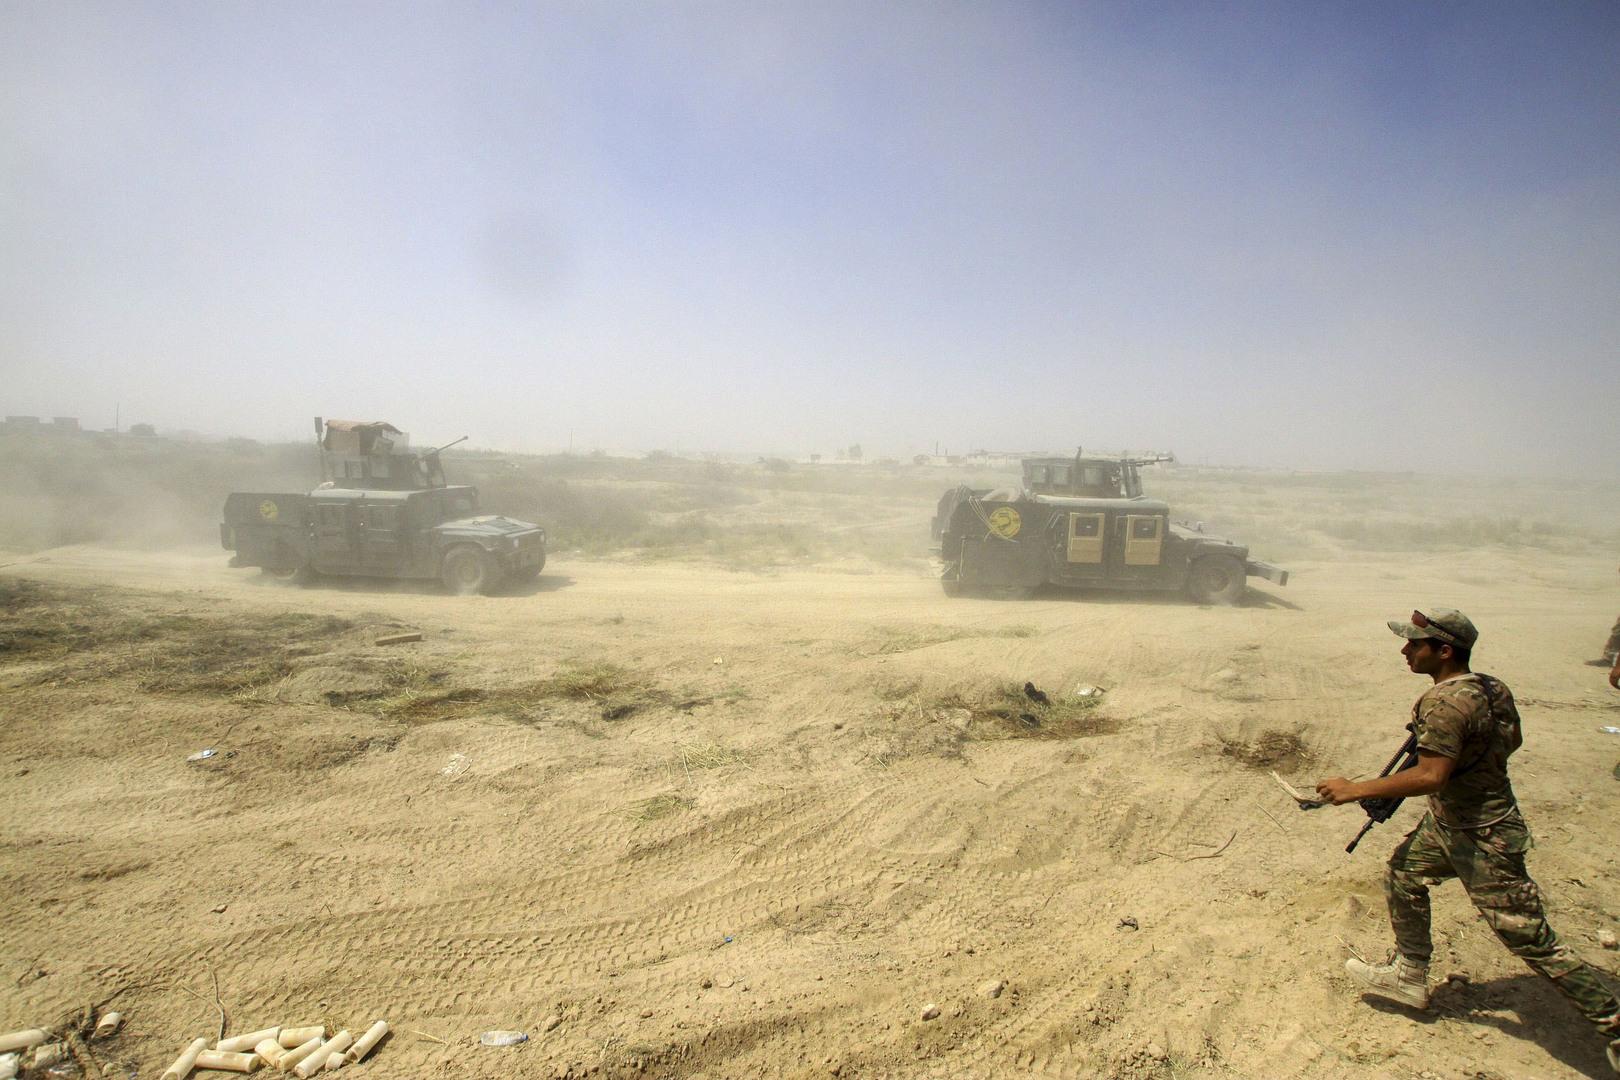 طائرات عراقية حربية تستهدف مواقع تابعة لـ